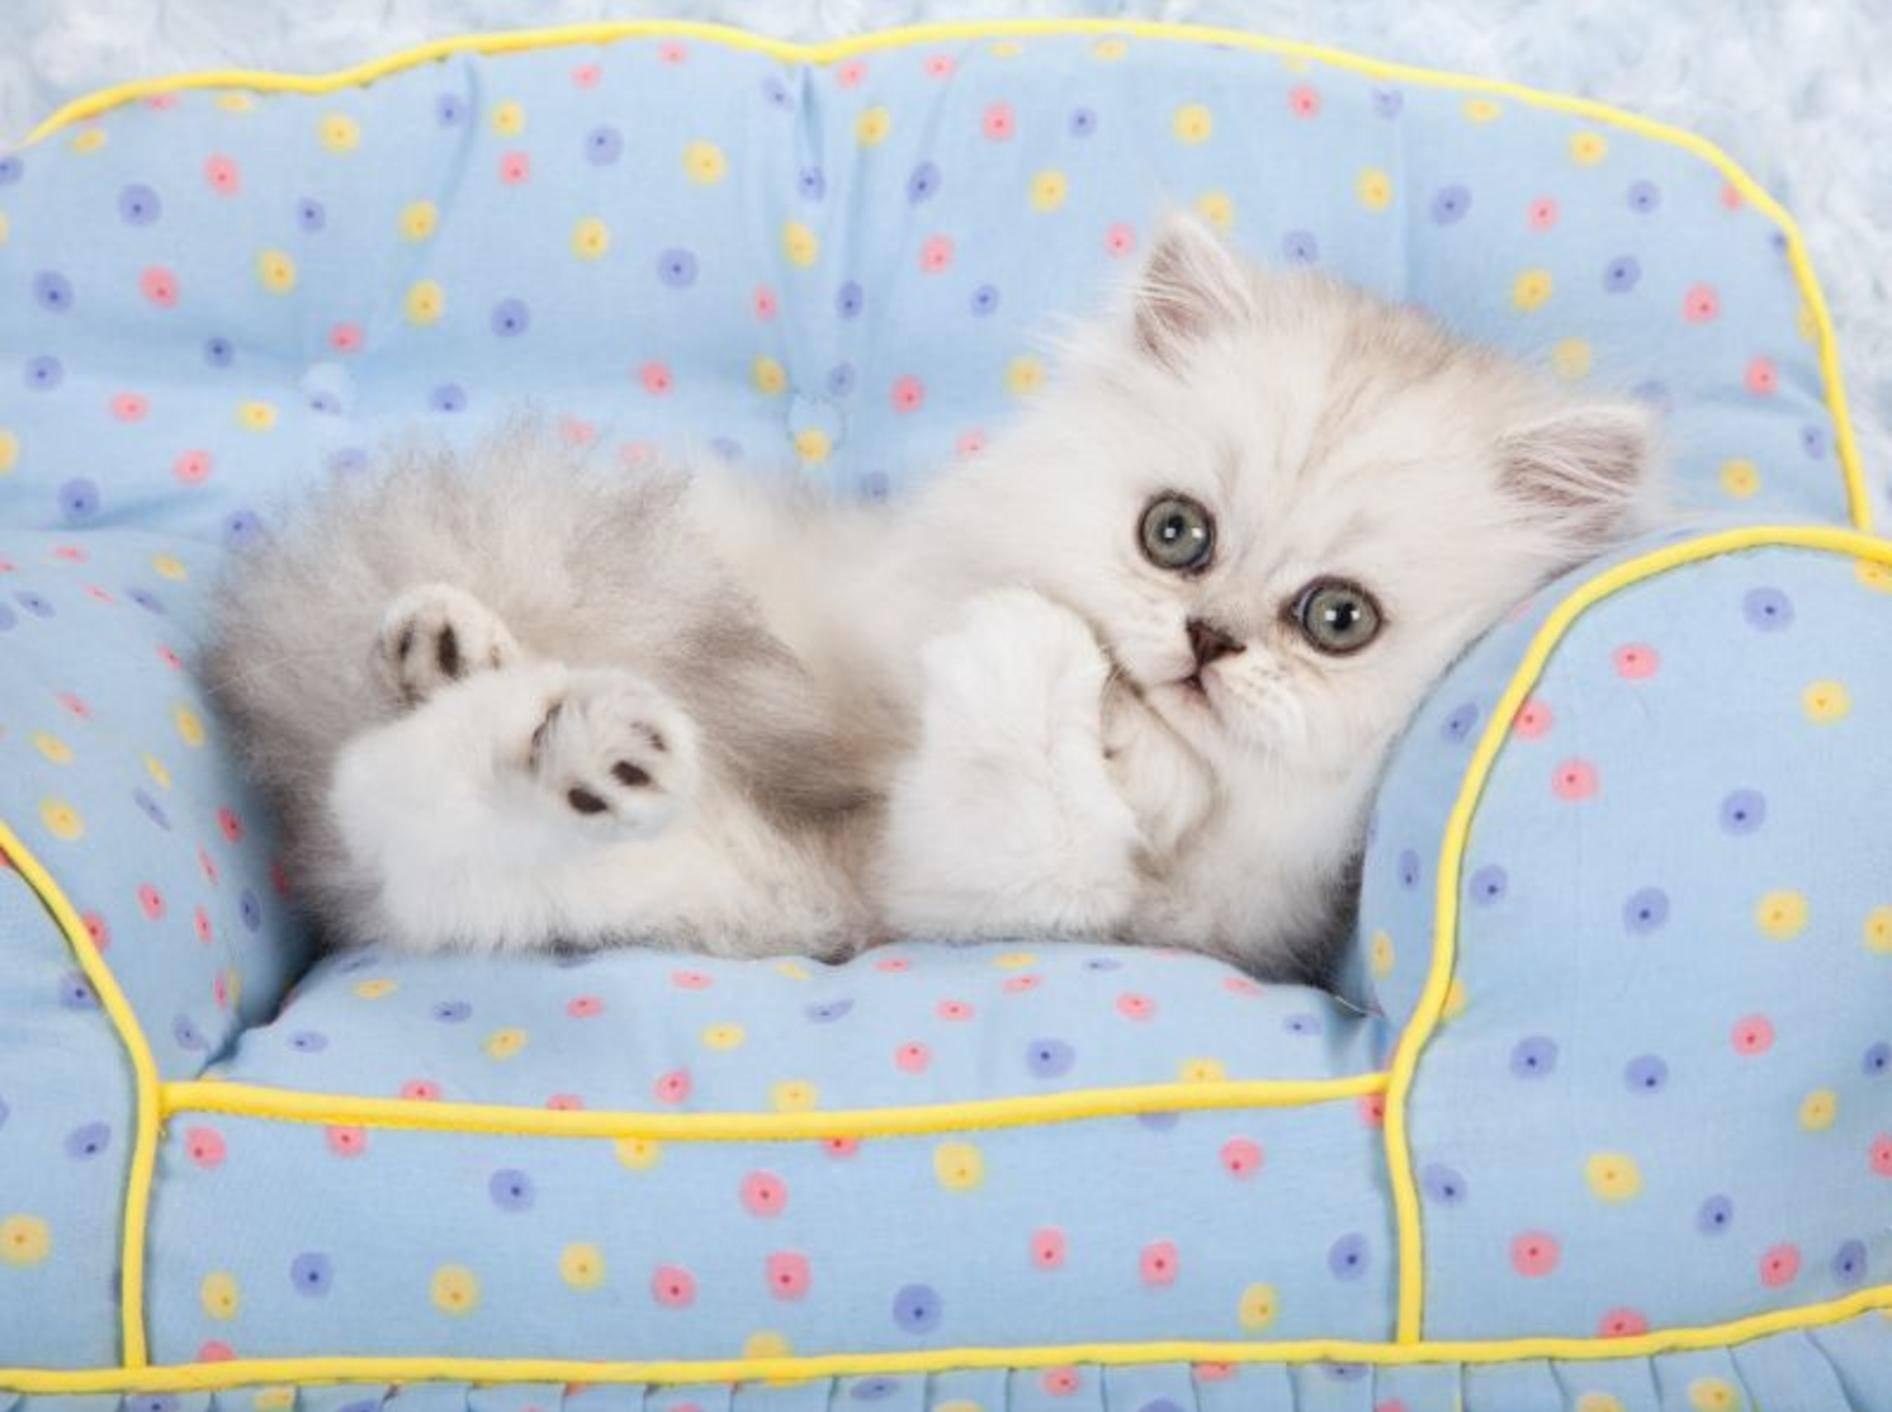 Katzen erfolgreich erziehen erfordert Geduld und Konsequenz — Bild: Shutterstock / Linn Currie